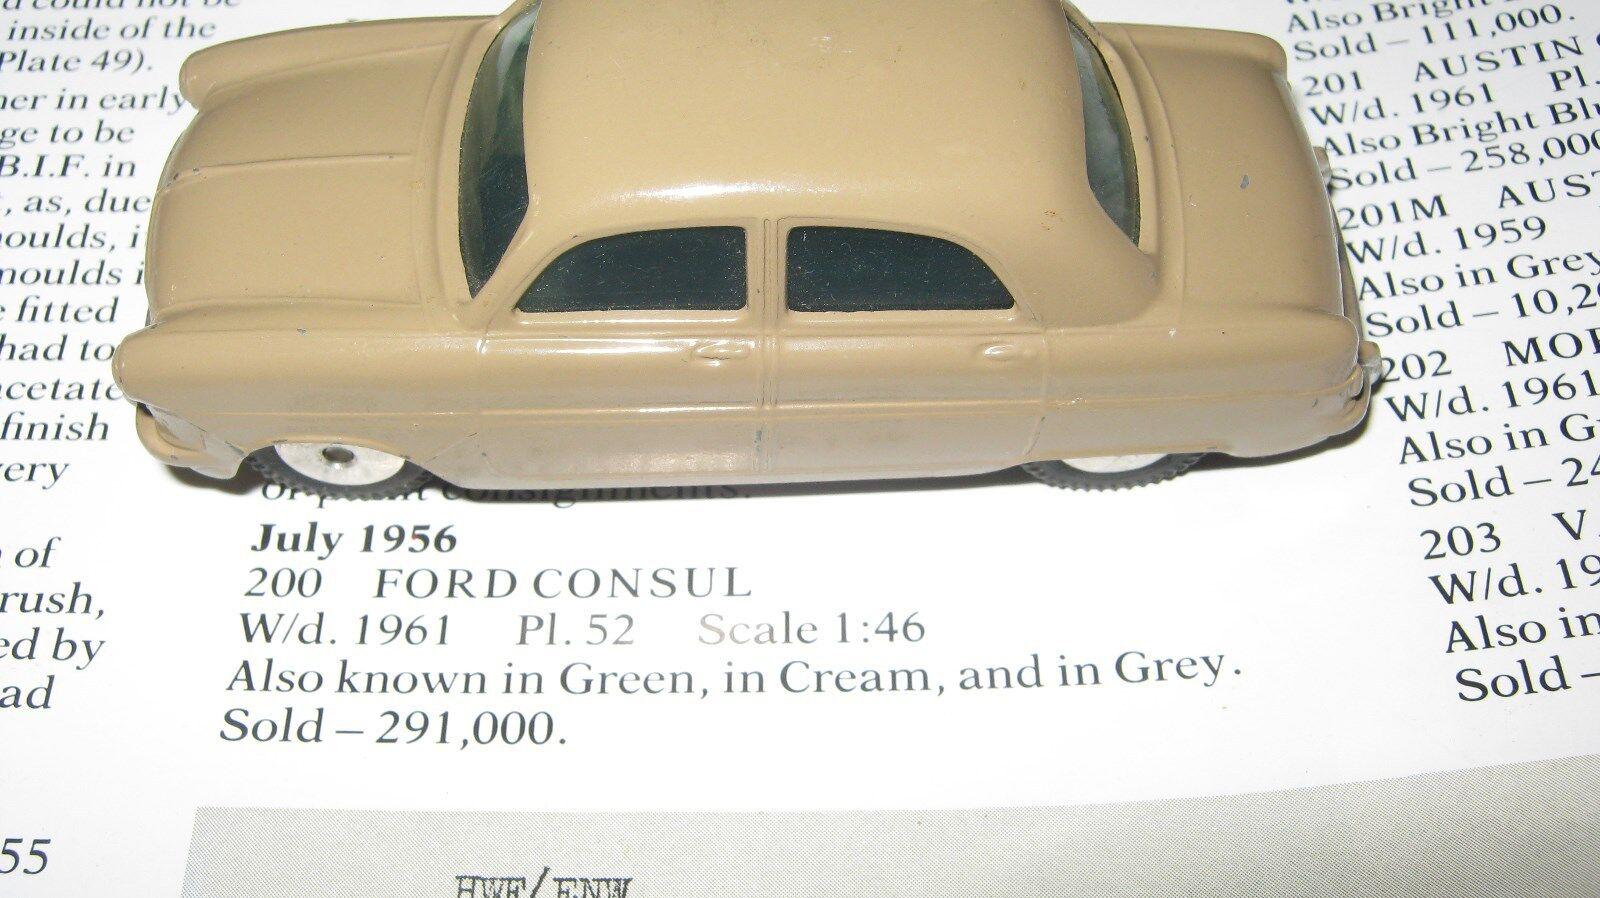 CORGI 200 FORD CONSUL eccellente originale auto e molto bene INDOSSATO SCATOLA ORIGINALE